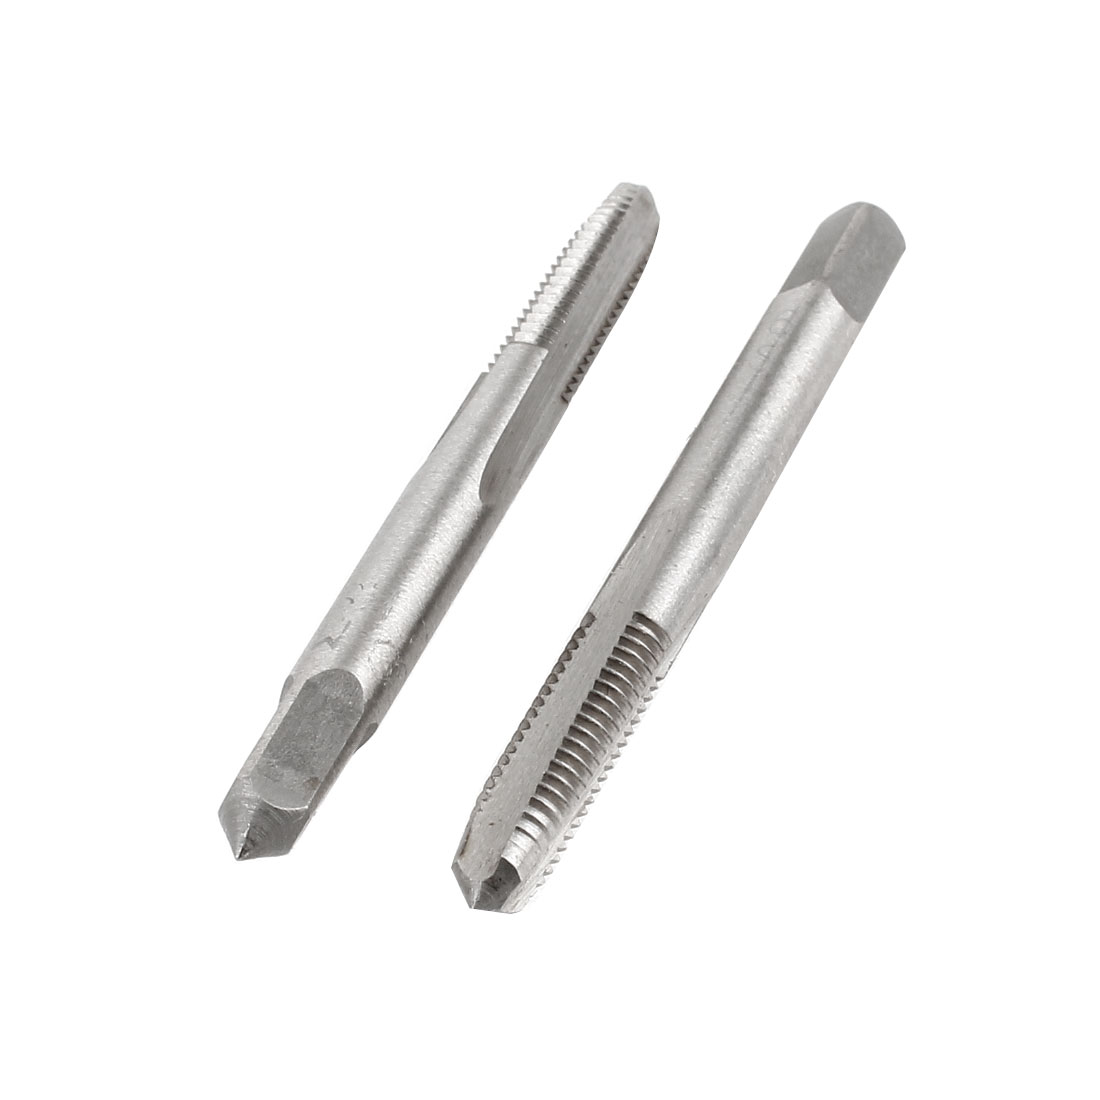 2 Pcs M6x22mm HSS 3 Flutes Machine Screw Thread Straight Metric Taps